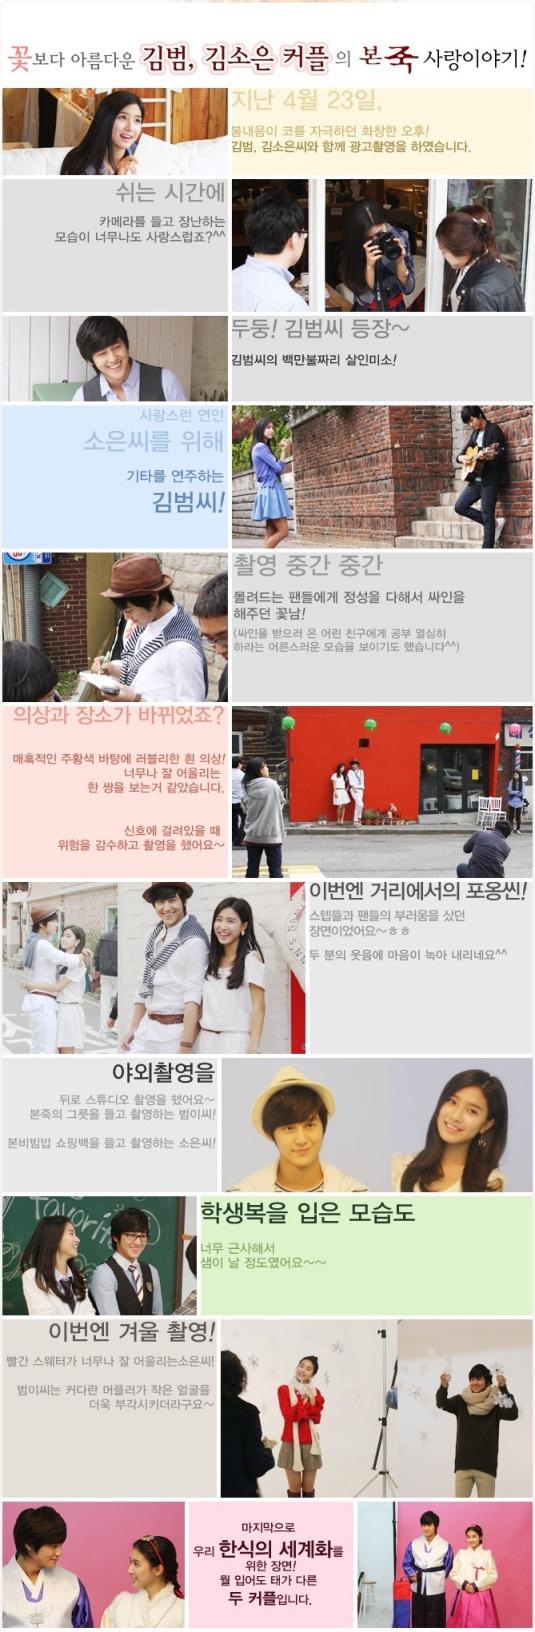 Kim So Eun and Kim Bum Bonjuk Advertisement.